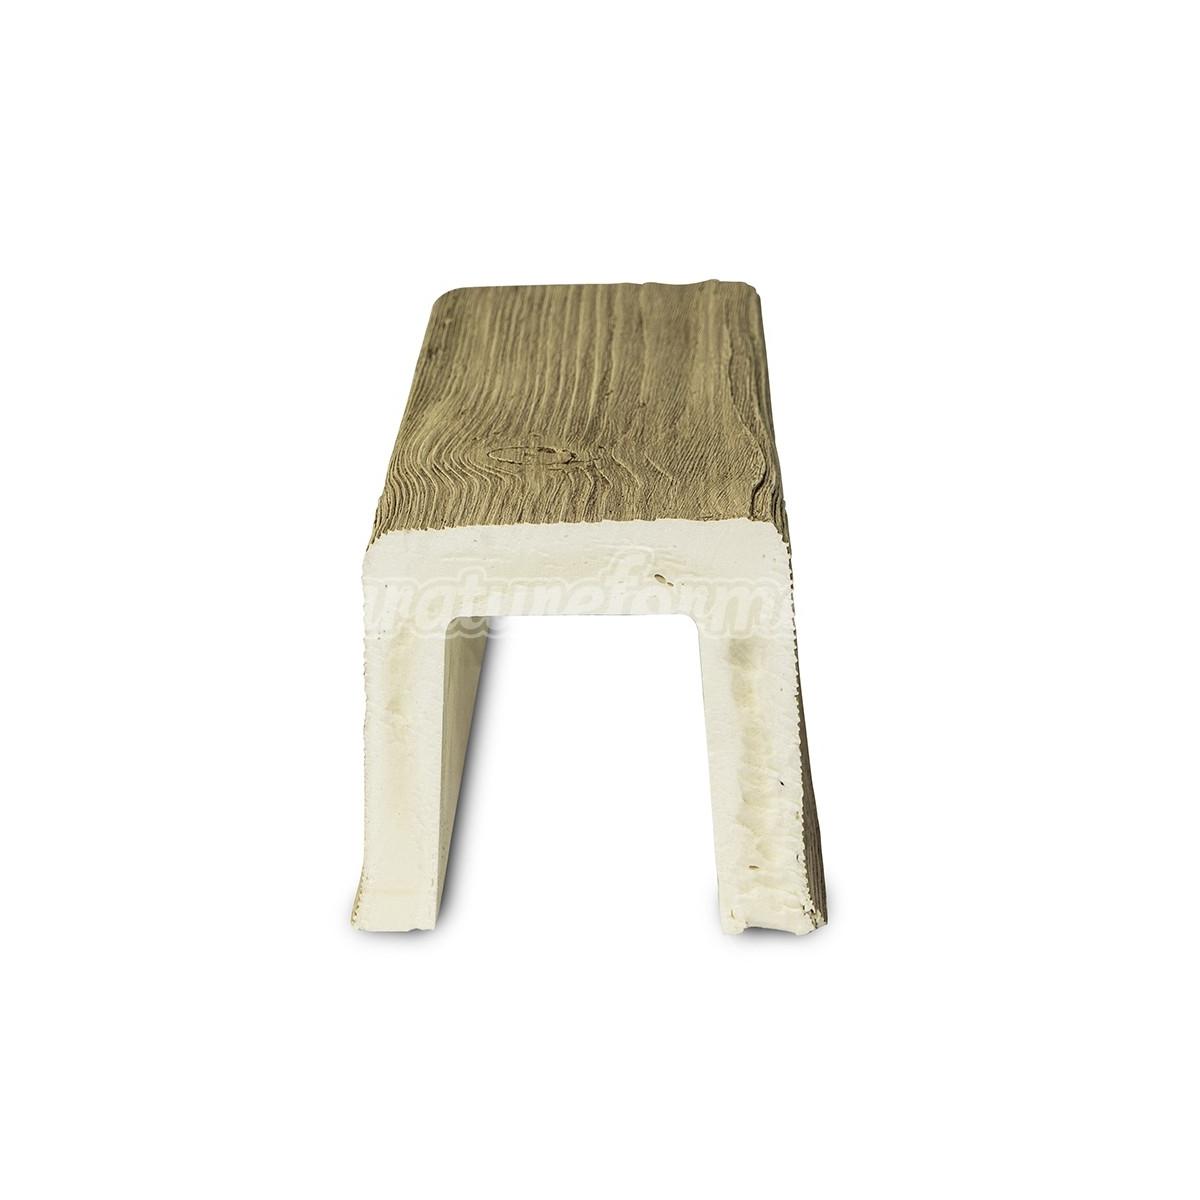 Viga imitación a madera 300x10x10 al mejor precio